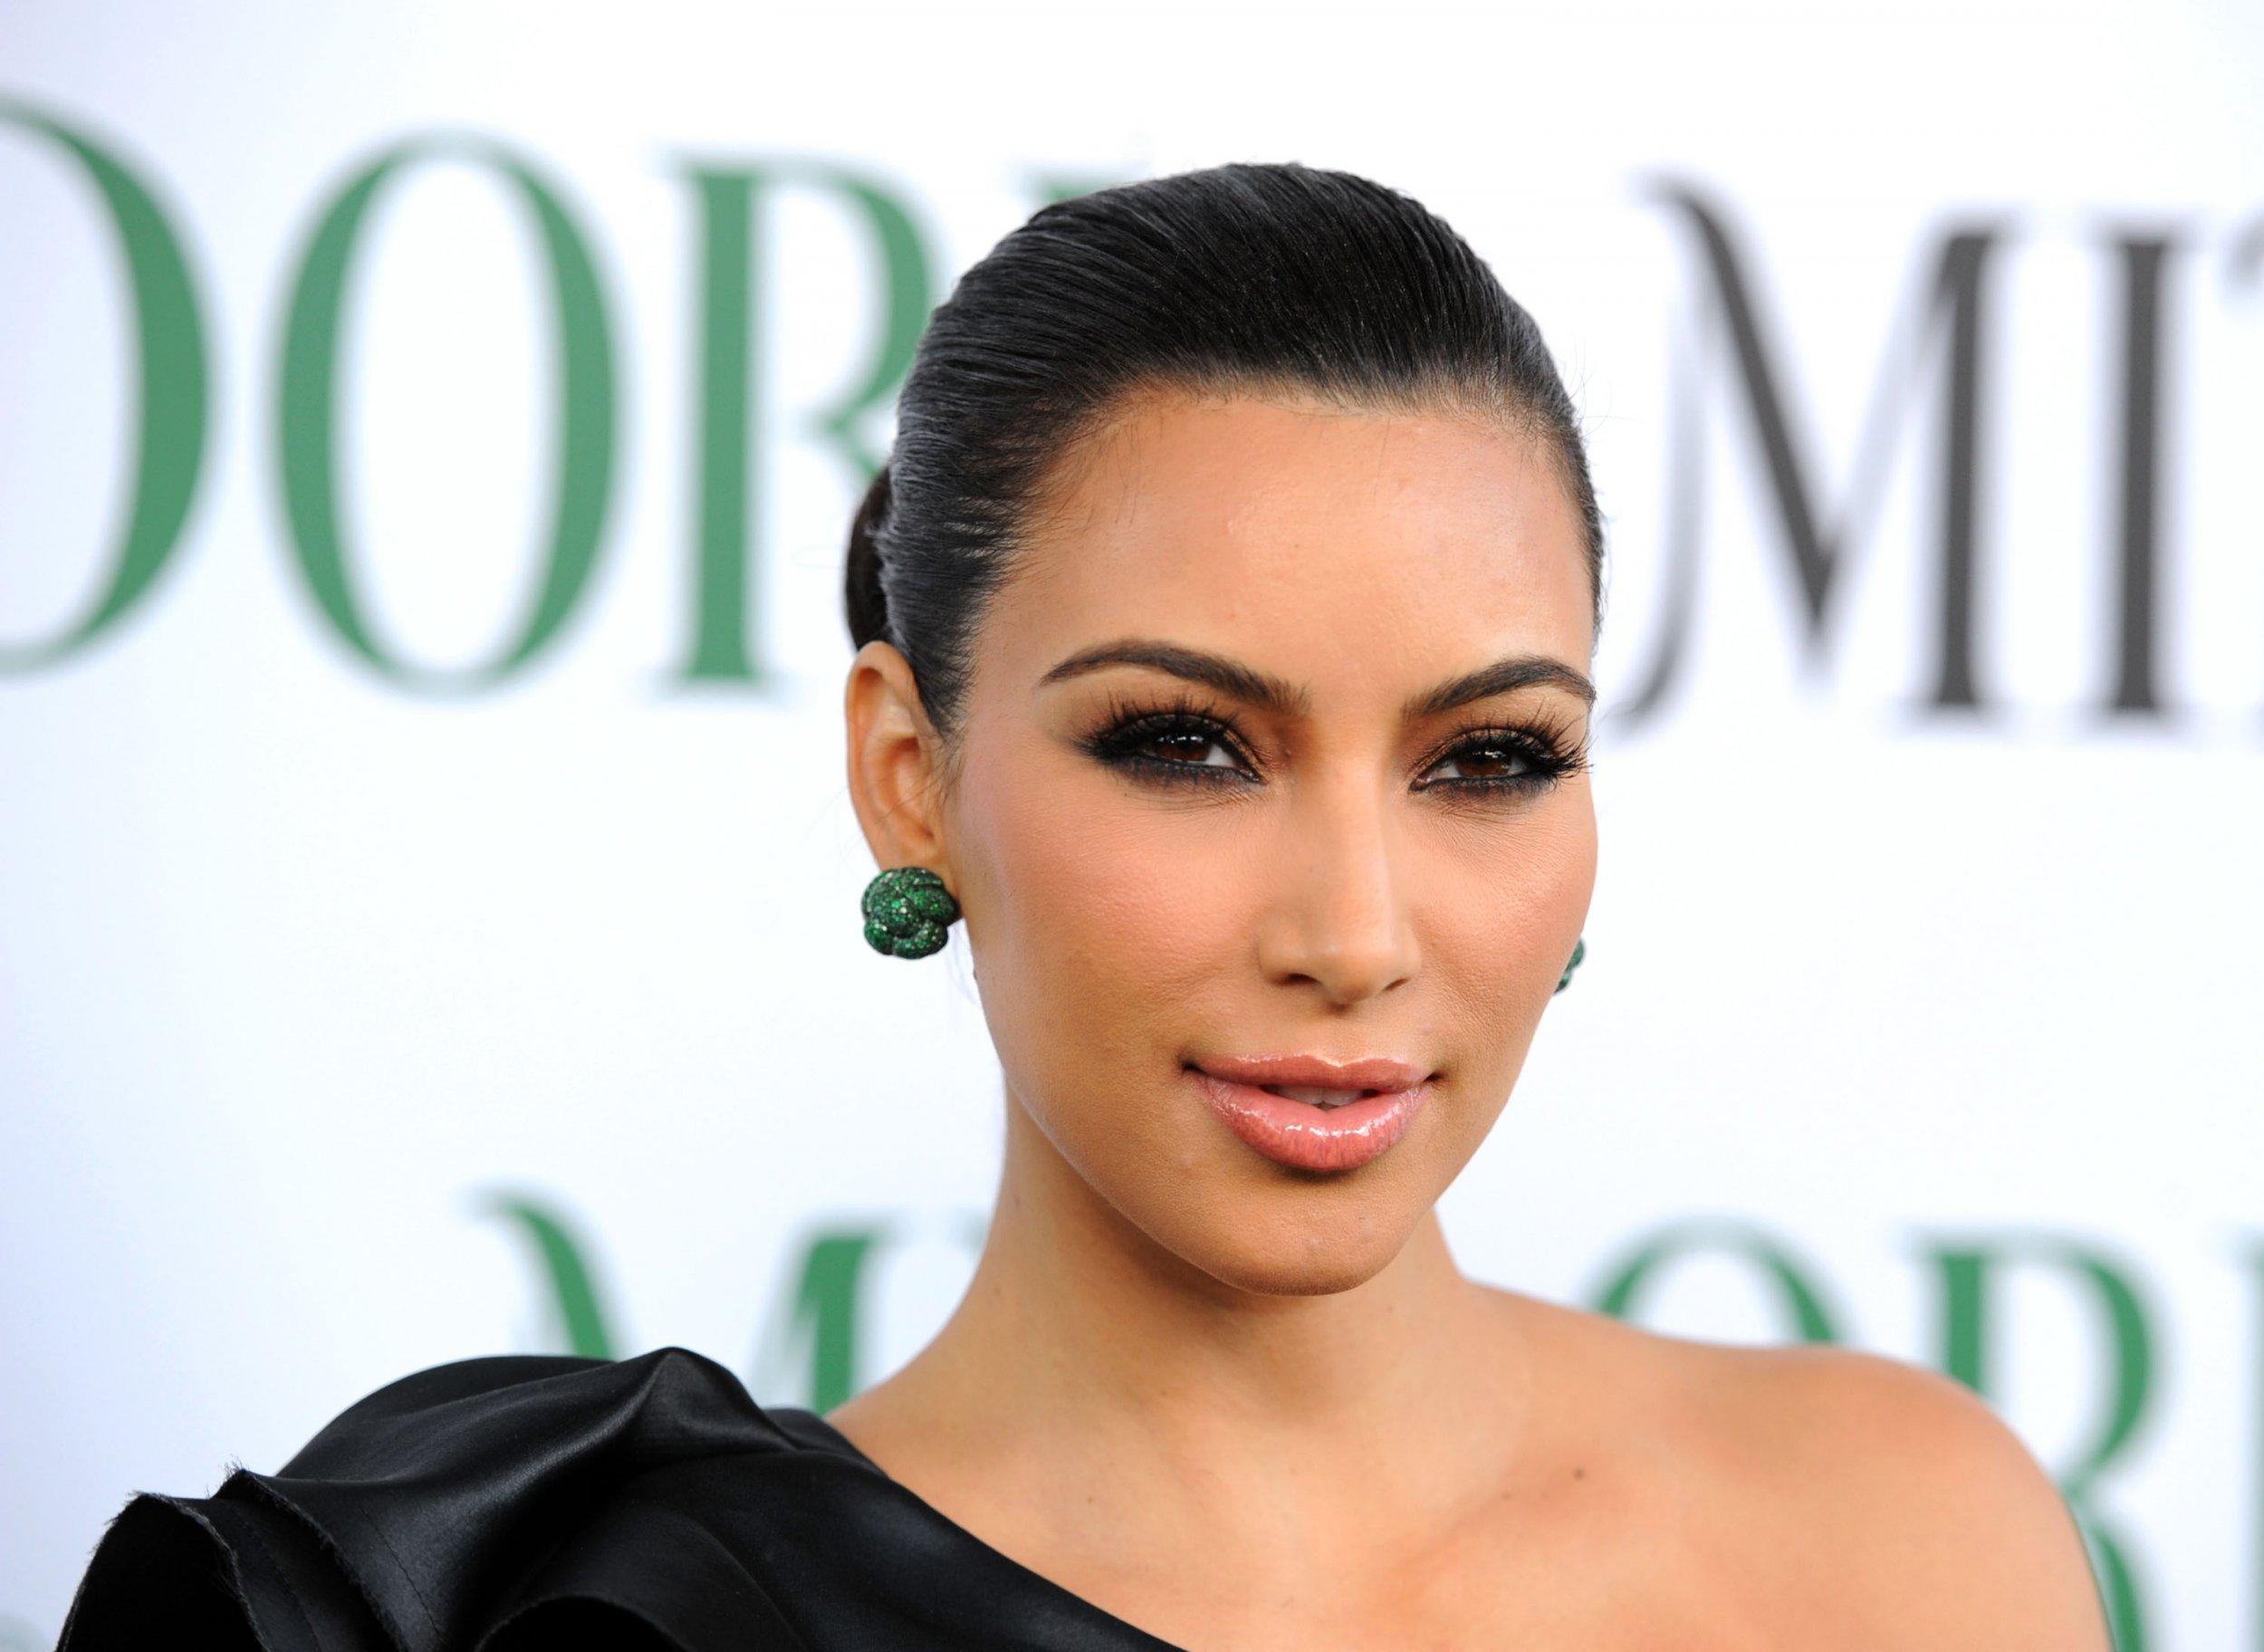 05_10_18_KardashianPrison